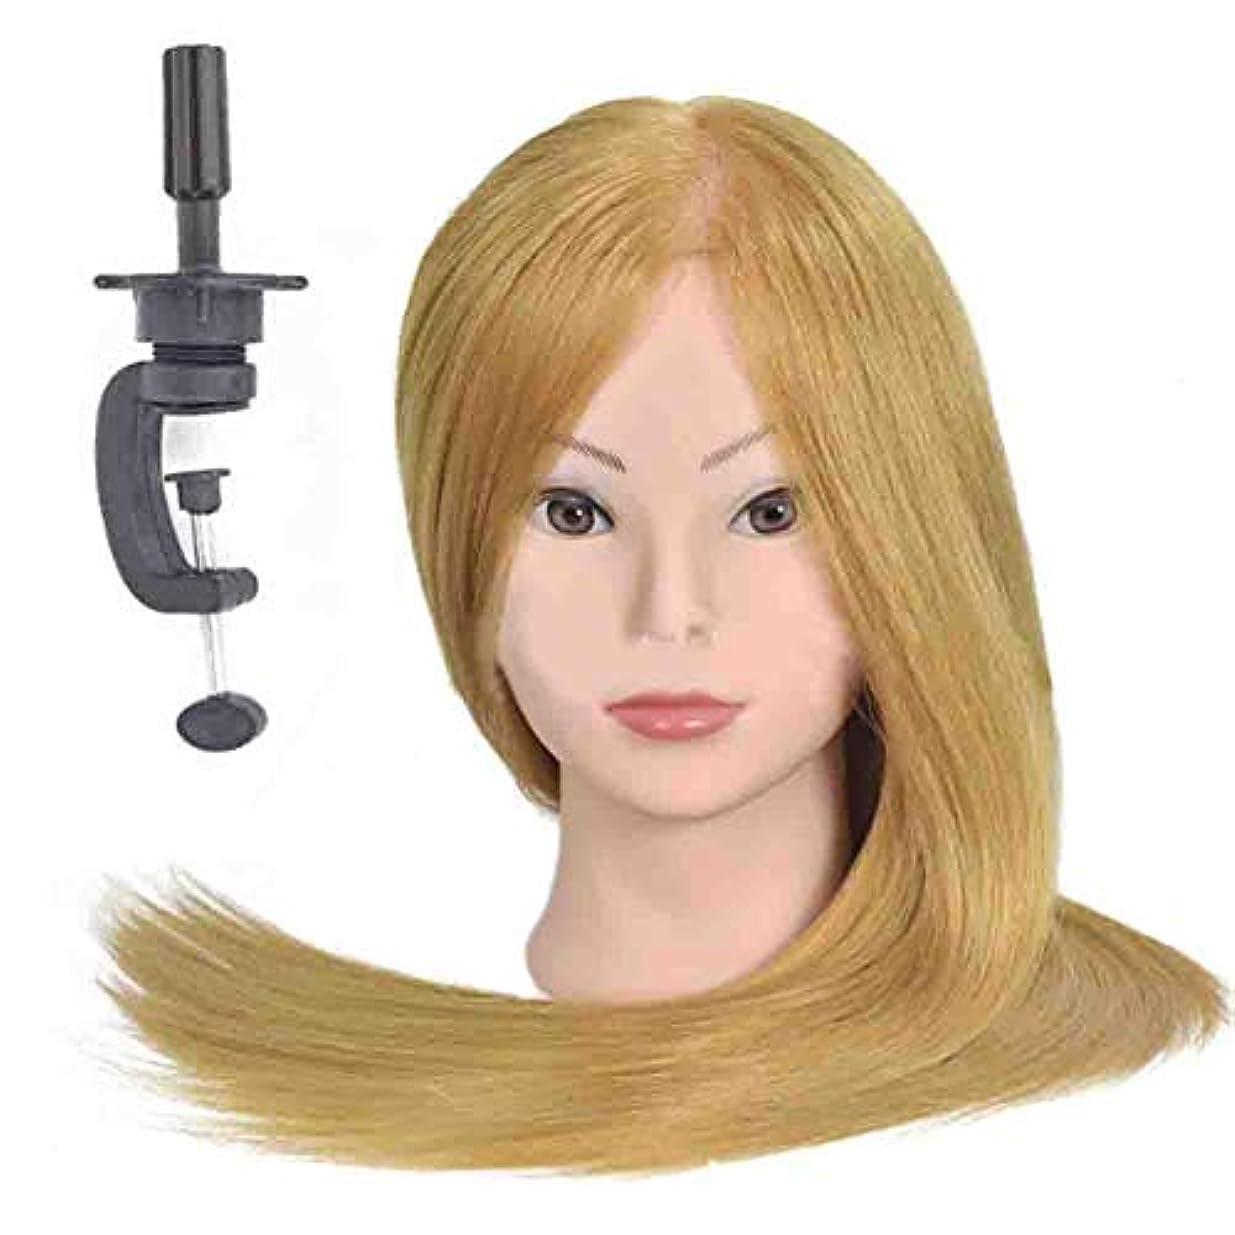 トランクライブラリコンテストそれるメイクディスクヘアスタイリング編み教育ダミーヘッドサロンエクササイズヘッド金型理髪ヘアカットトレーニングかつら